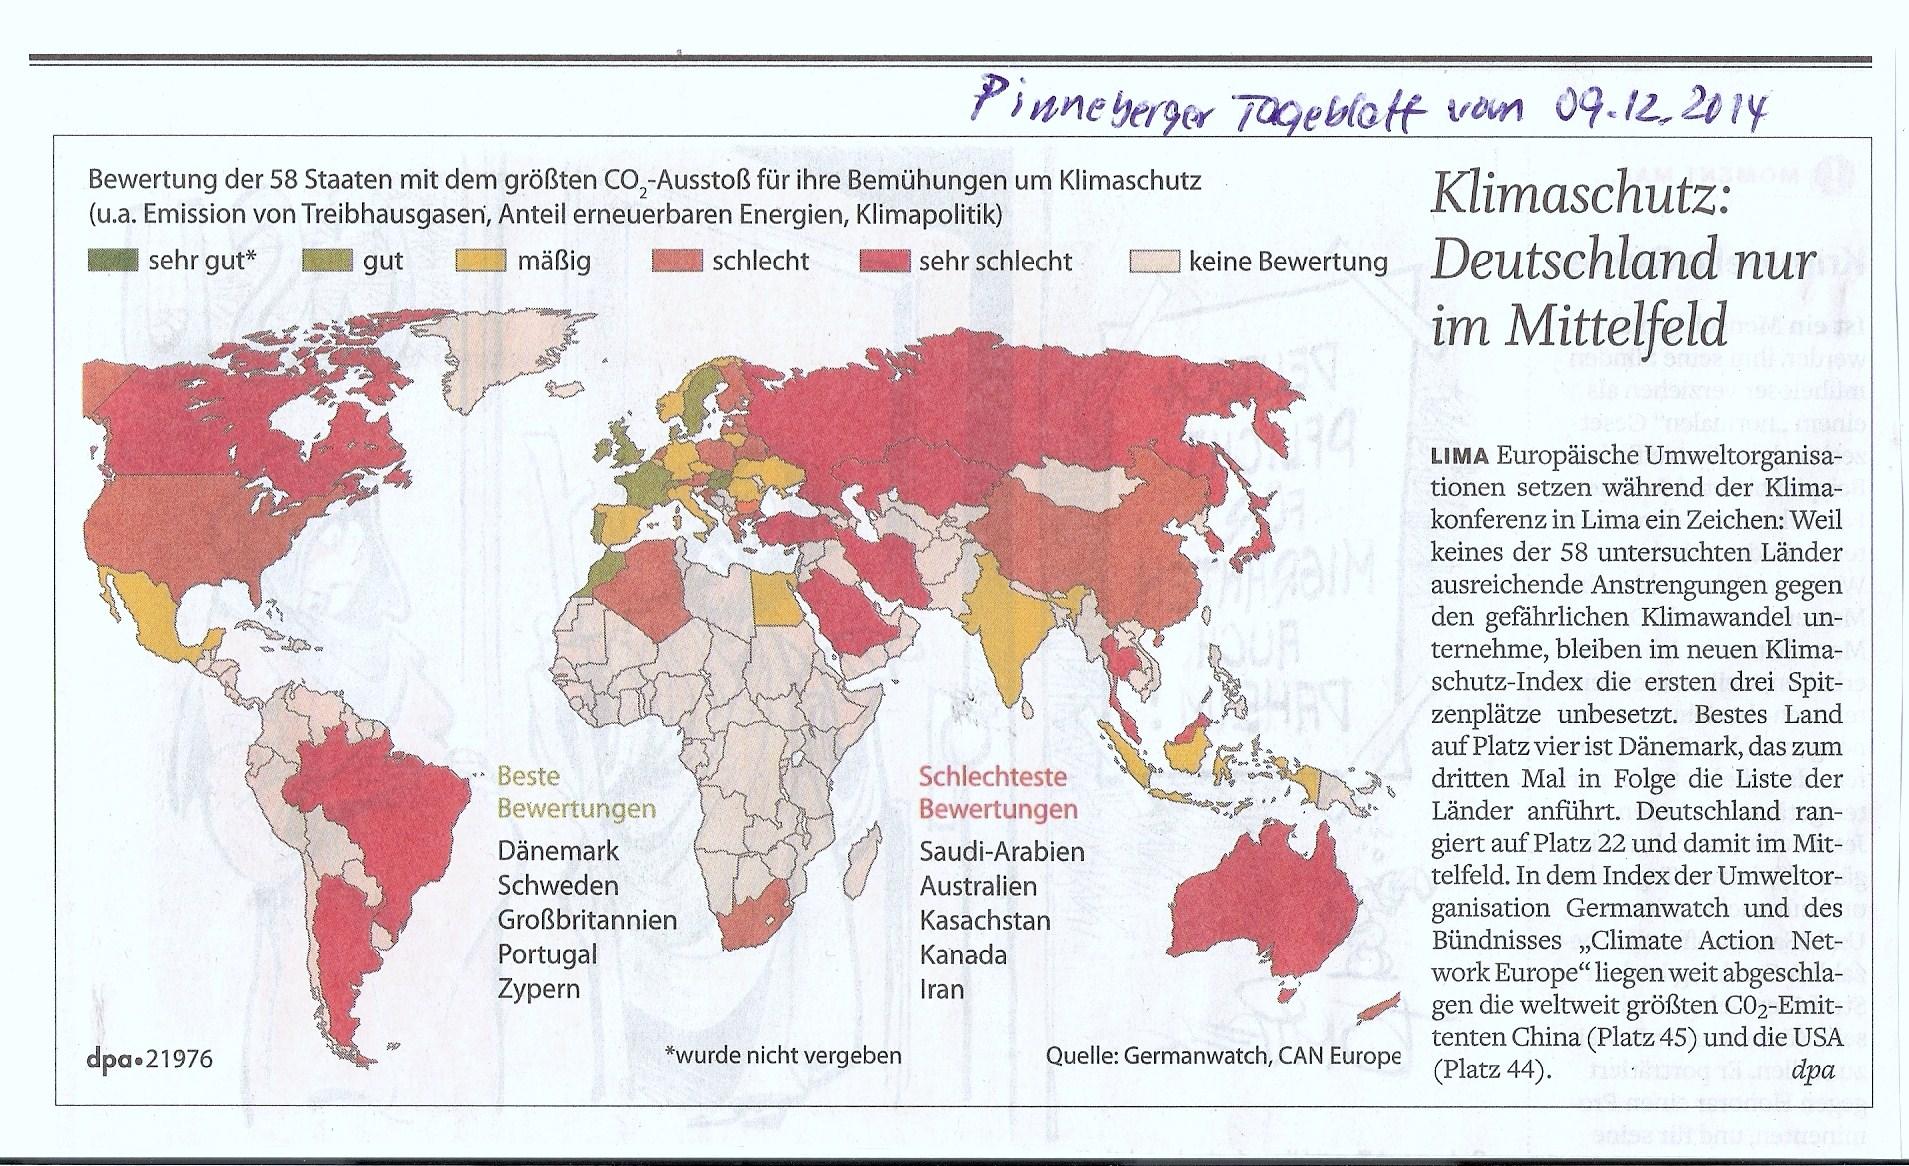 http://www.agenda21-pinneberg.de/wp-content/uploads/2014/12/CO2-Austo%C3%9F_Welt.jpg